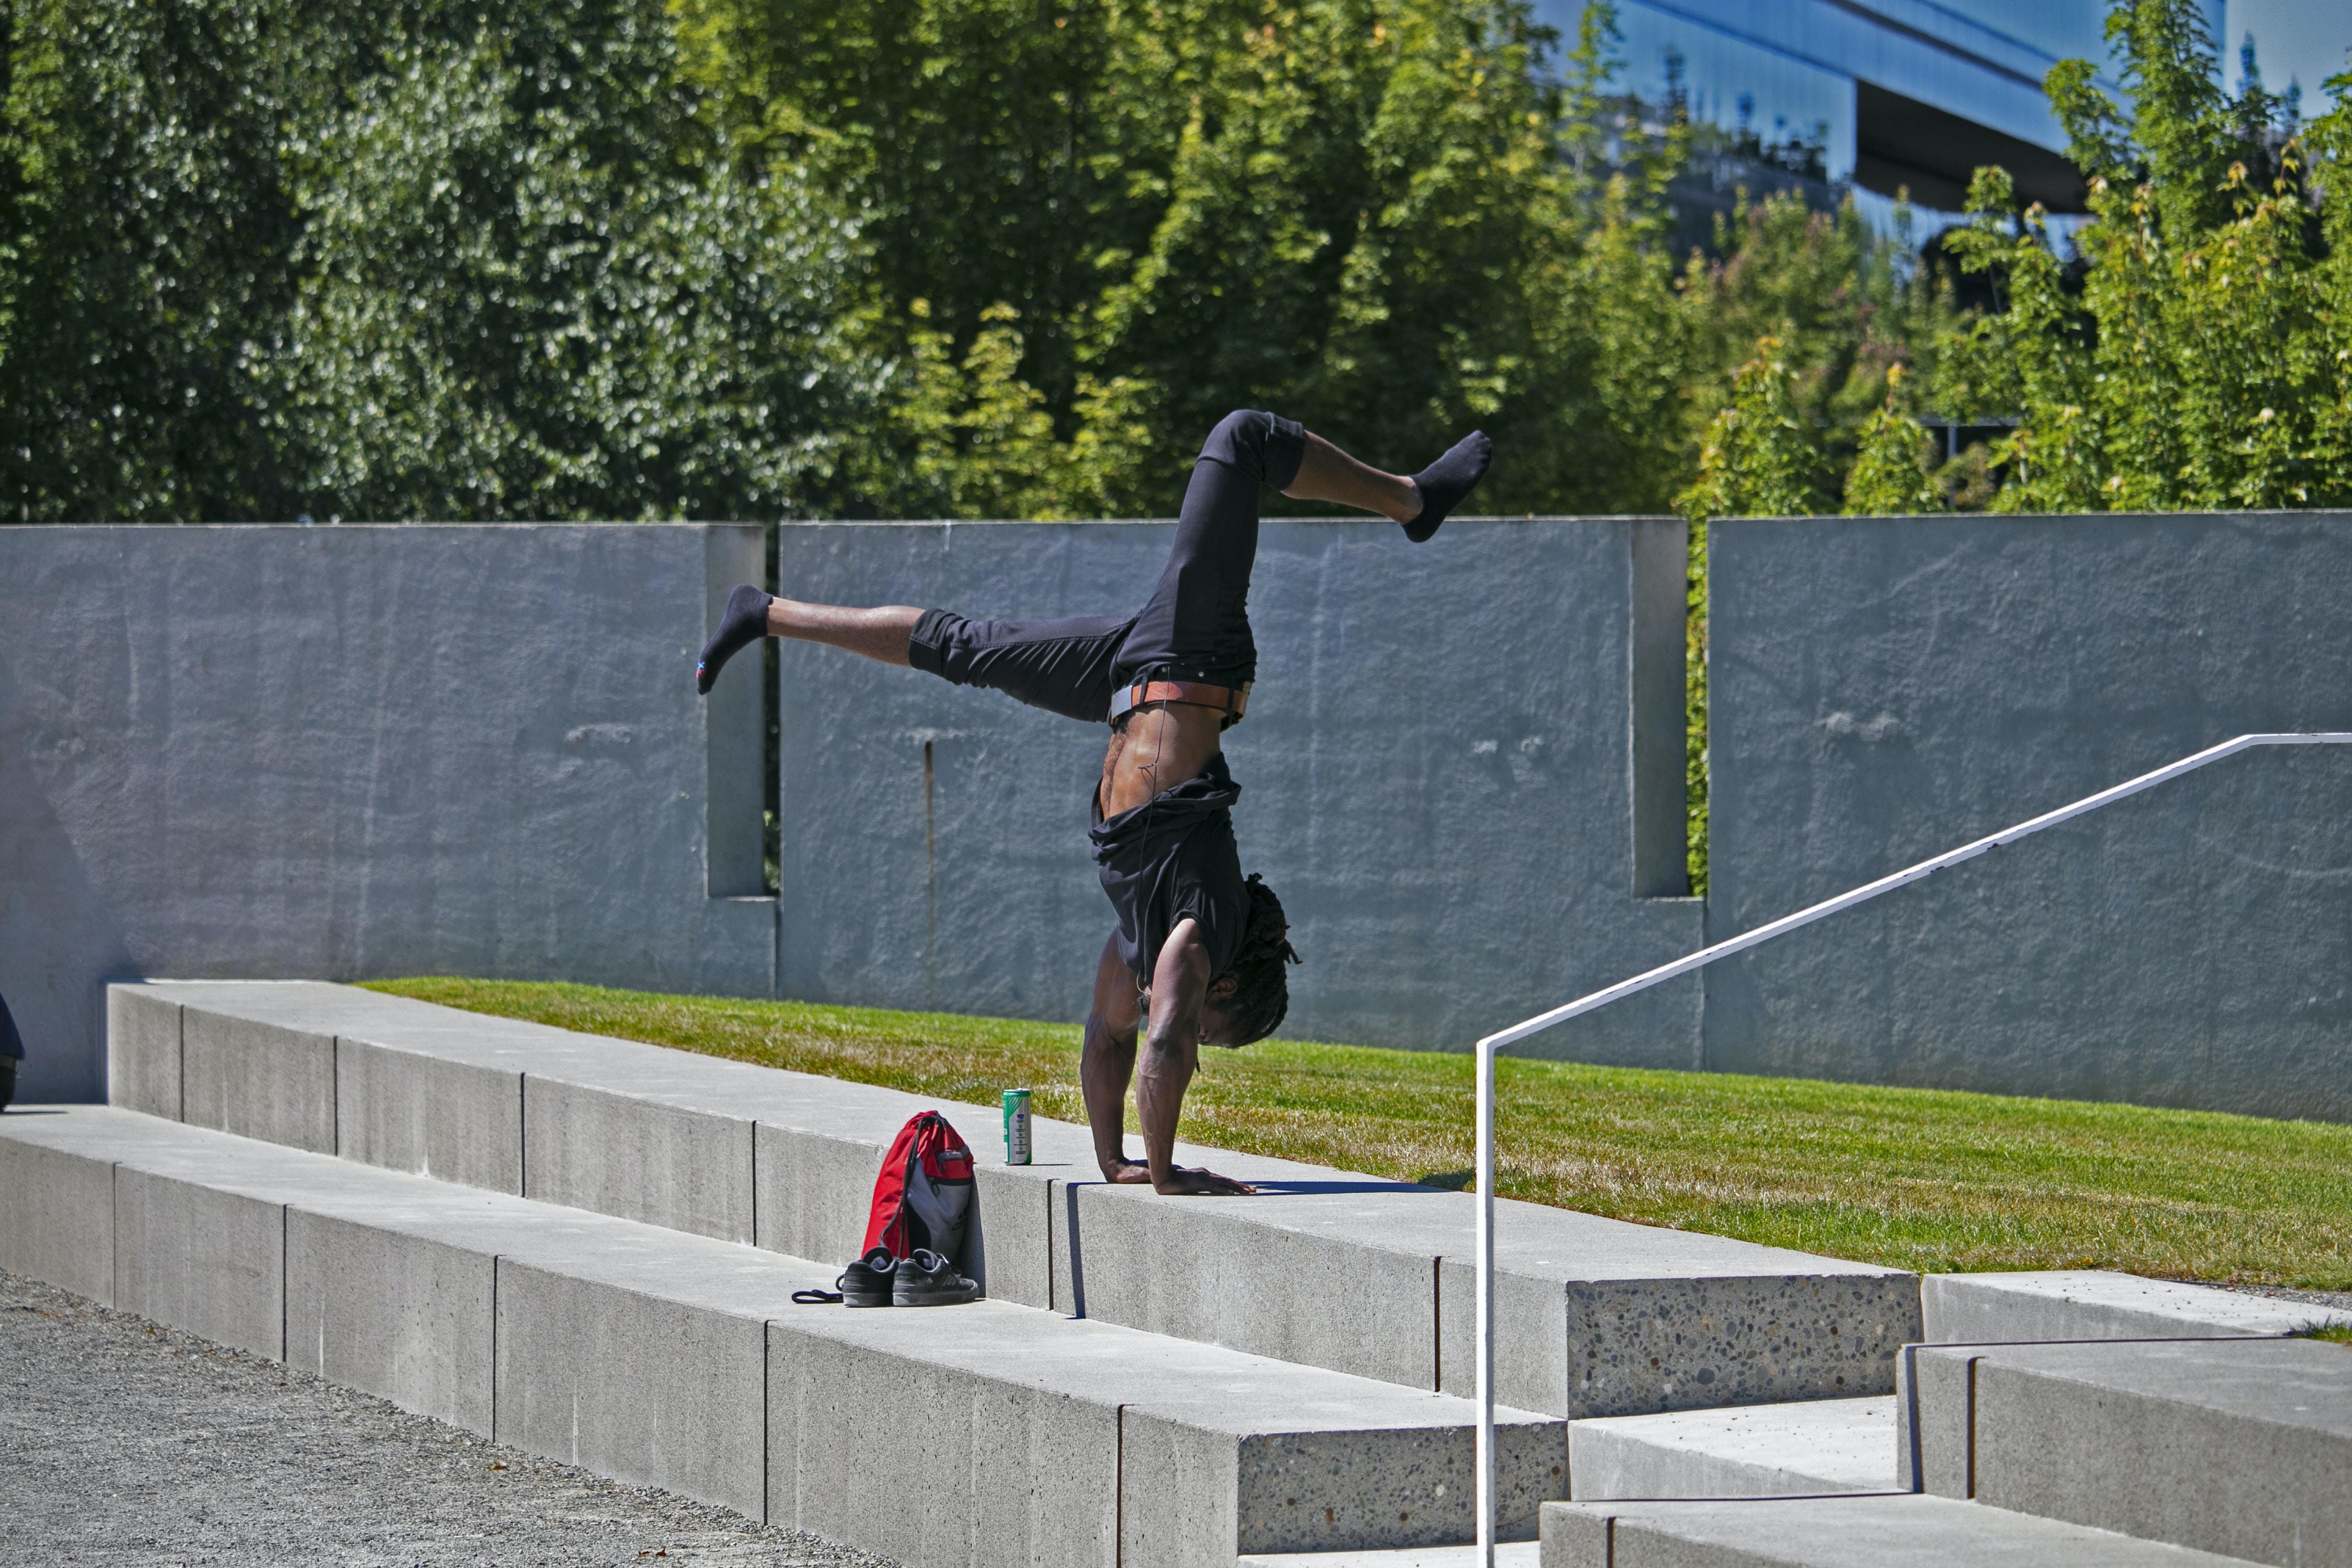 man break dancing on stair